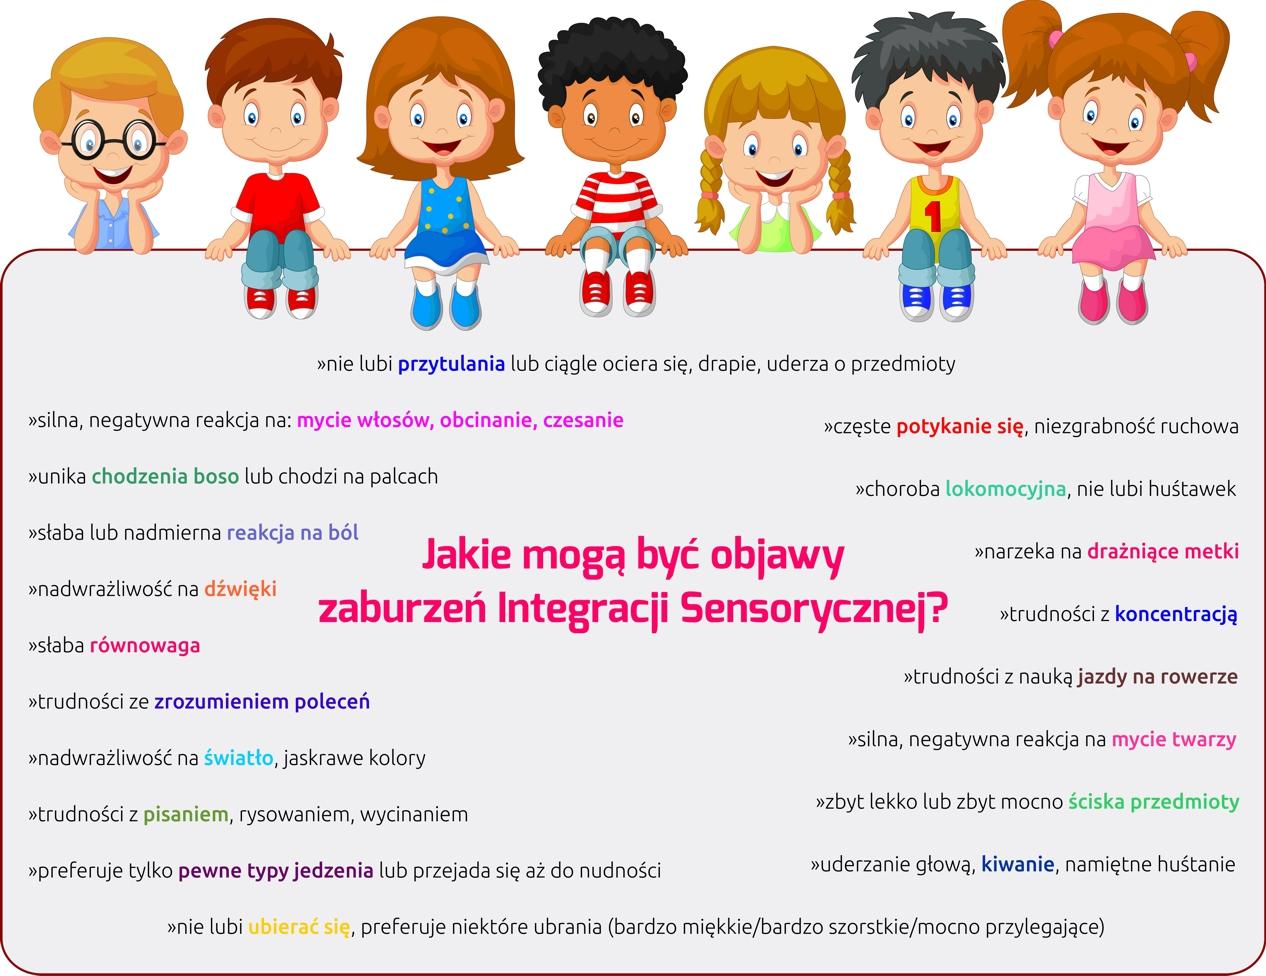 Znalezione obrazy dla zapytania zaburzenia integracji sensorycznej